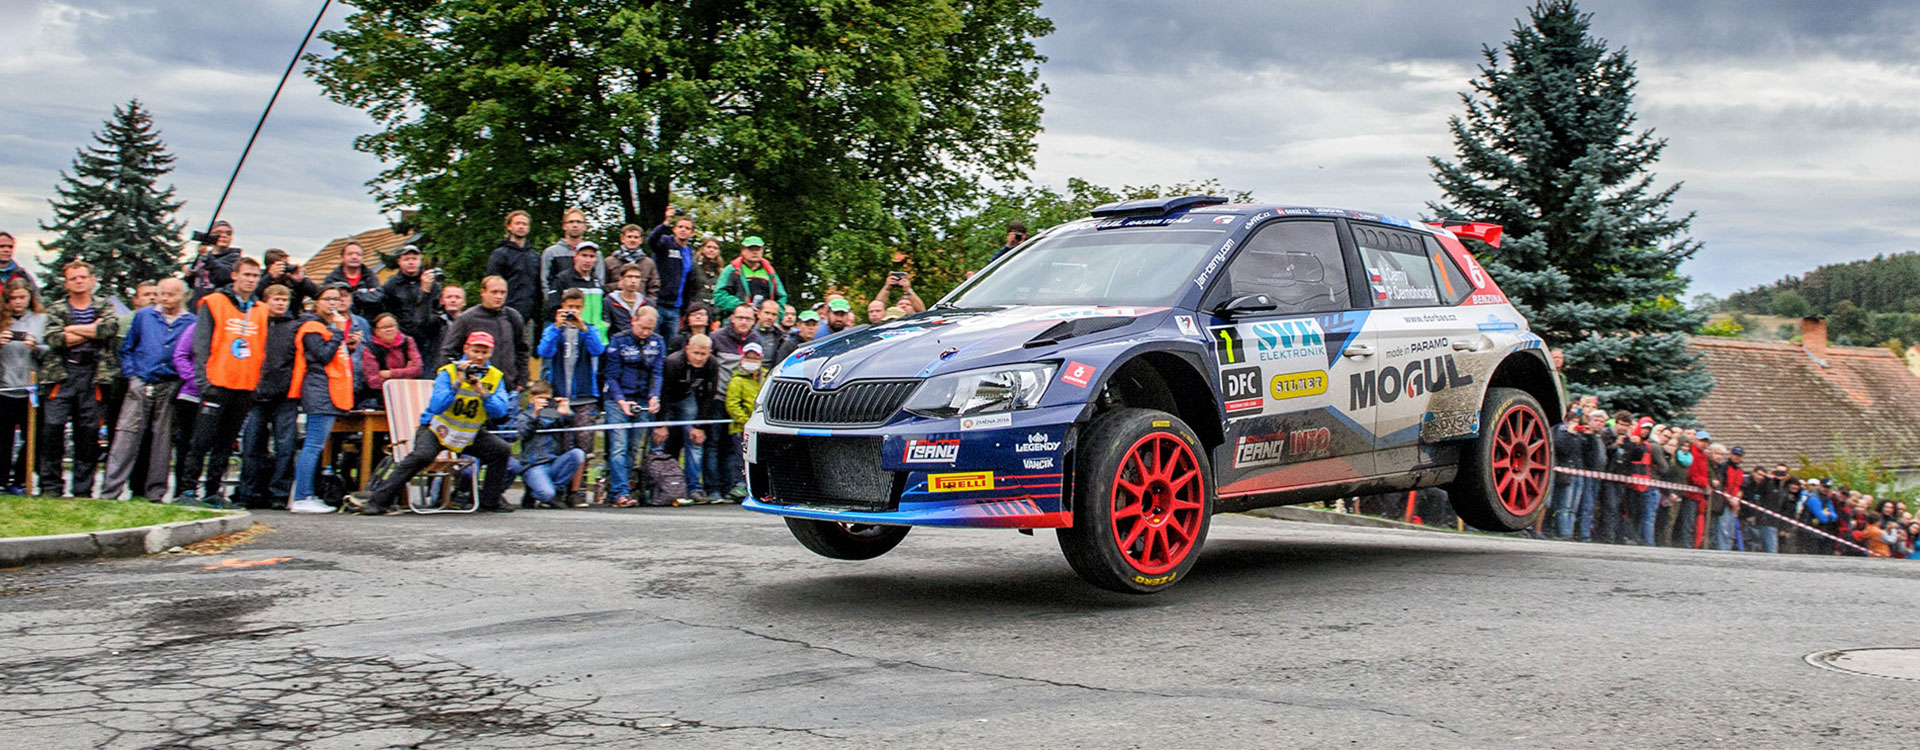 FOTO: Zákaznické týmy ŠKODA na Rally Příbram